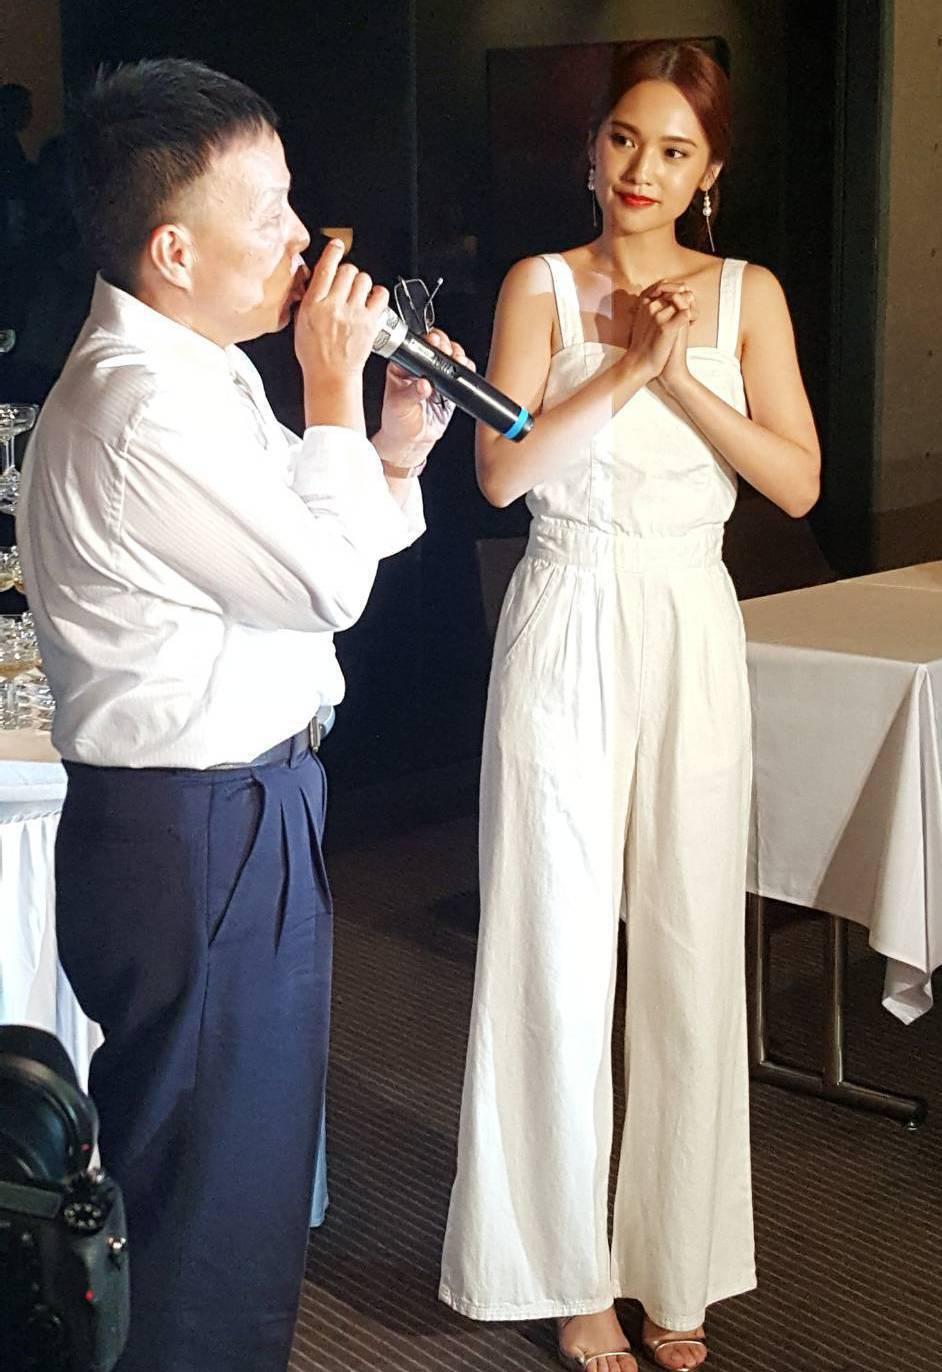 楊丞琳(右)出席植劇場慶功宴,左為王小棣。記者杜沛學/攝影